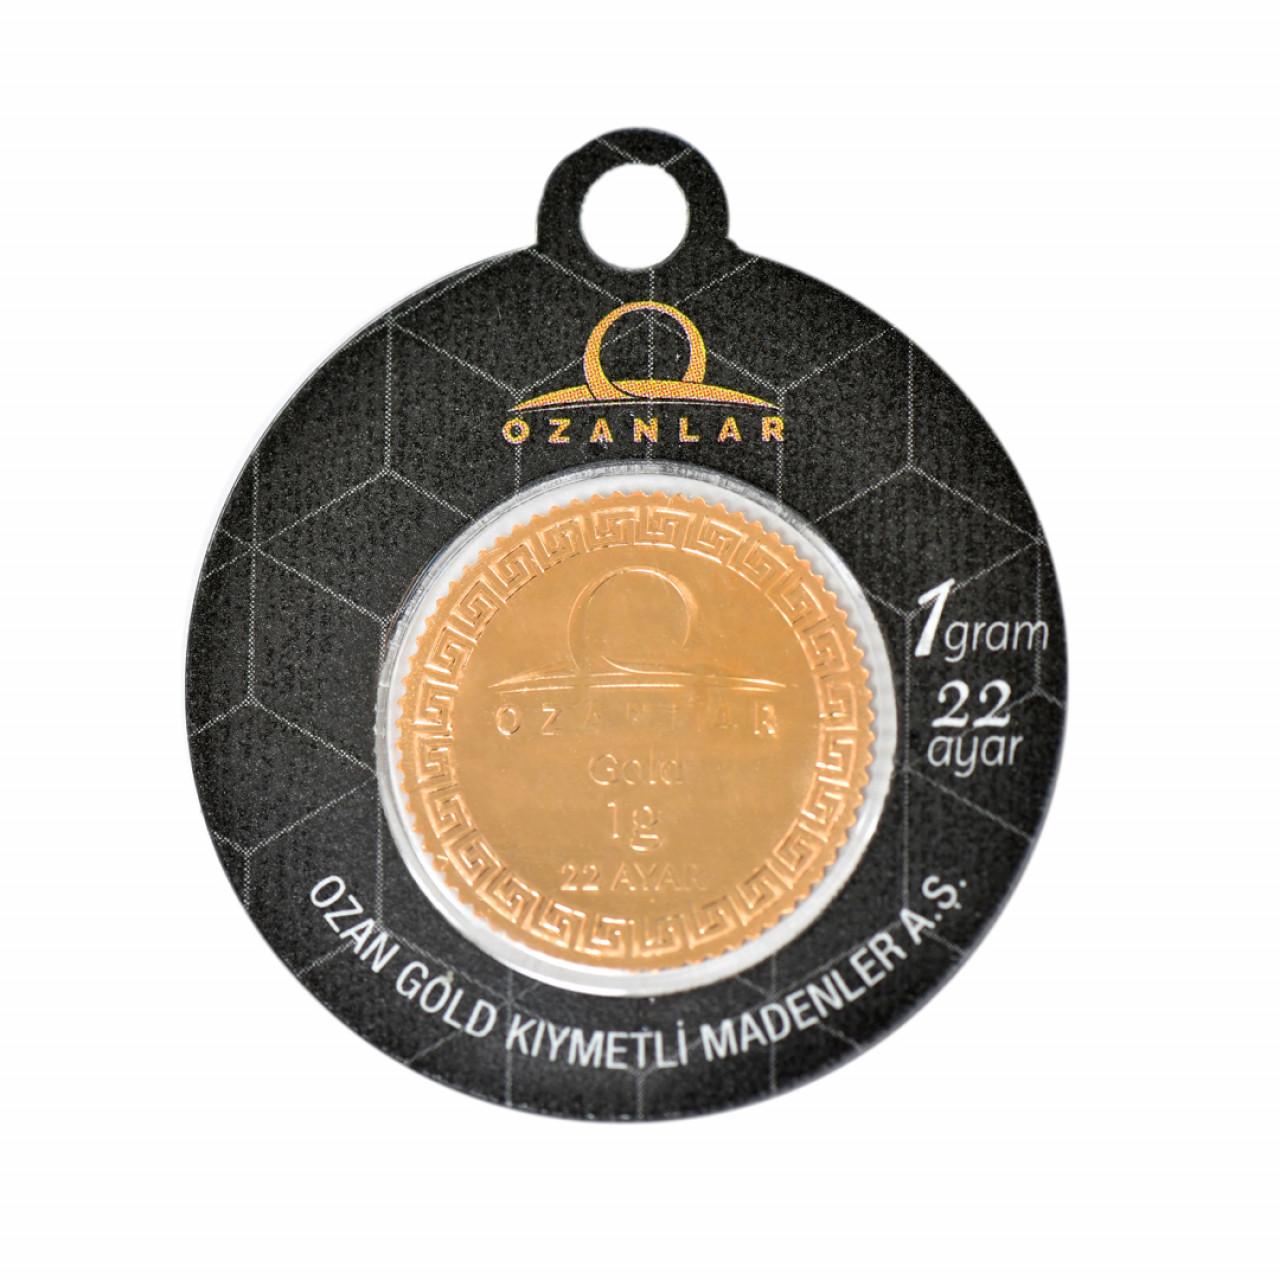 1 Gr 22 Ayar OZANLAR Gram Altın